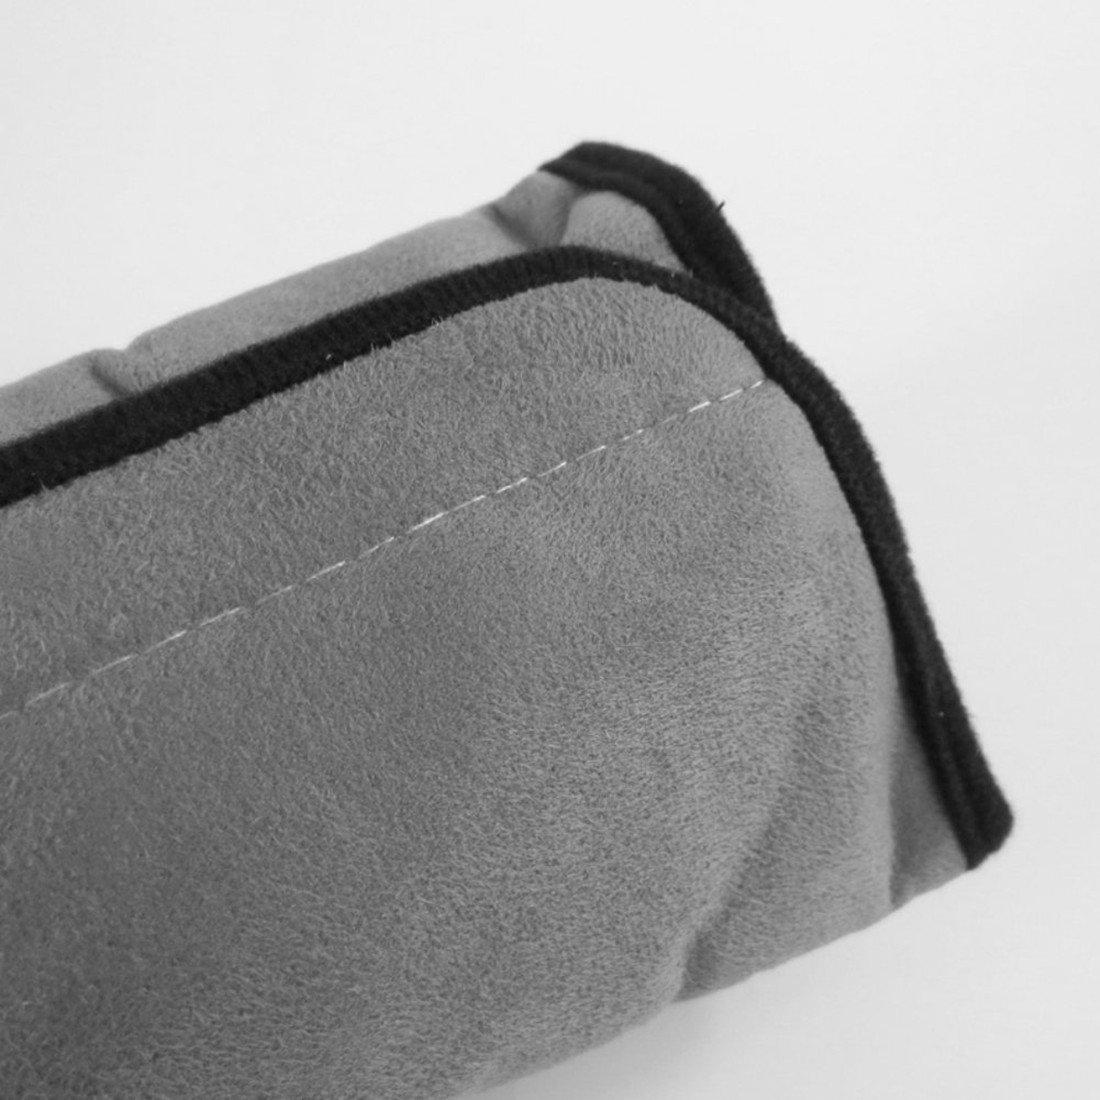 Oreiller pour ceinture de s/écurit/é pour enfants Defgo de voiture Harnais Ceinture de s/écurit/é /épaule Pad Coque appuie-t/ête support de cou pour enfants Kid Adulte rose rose